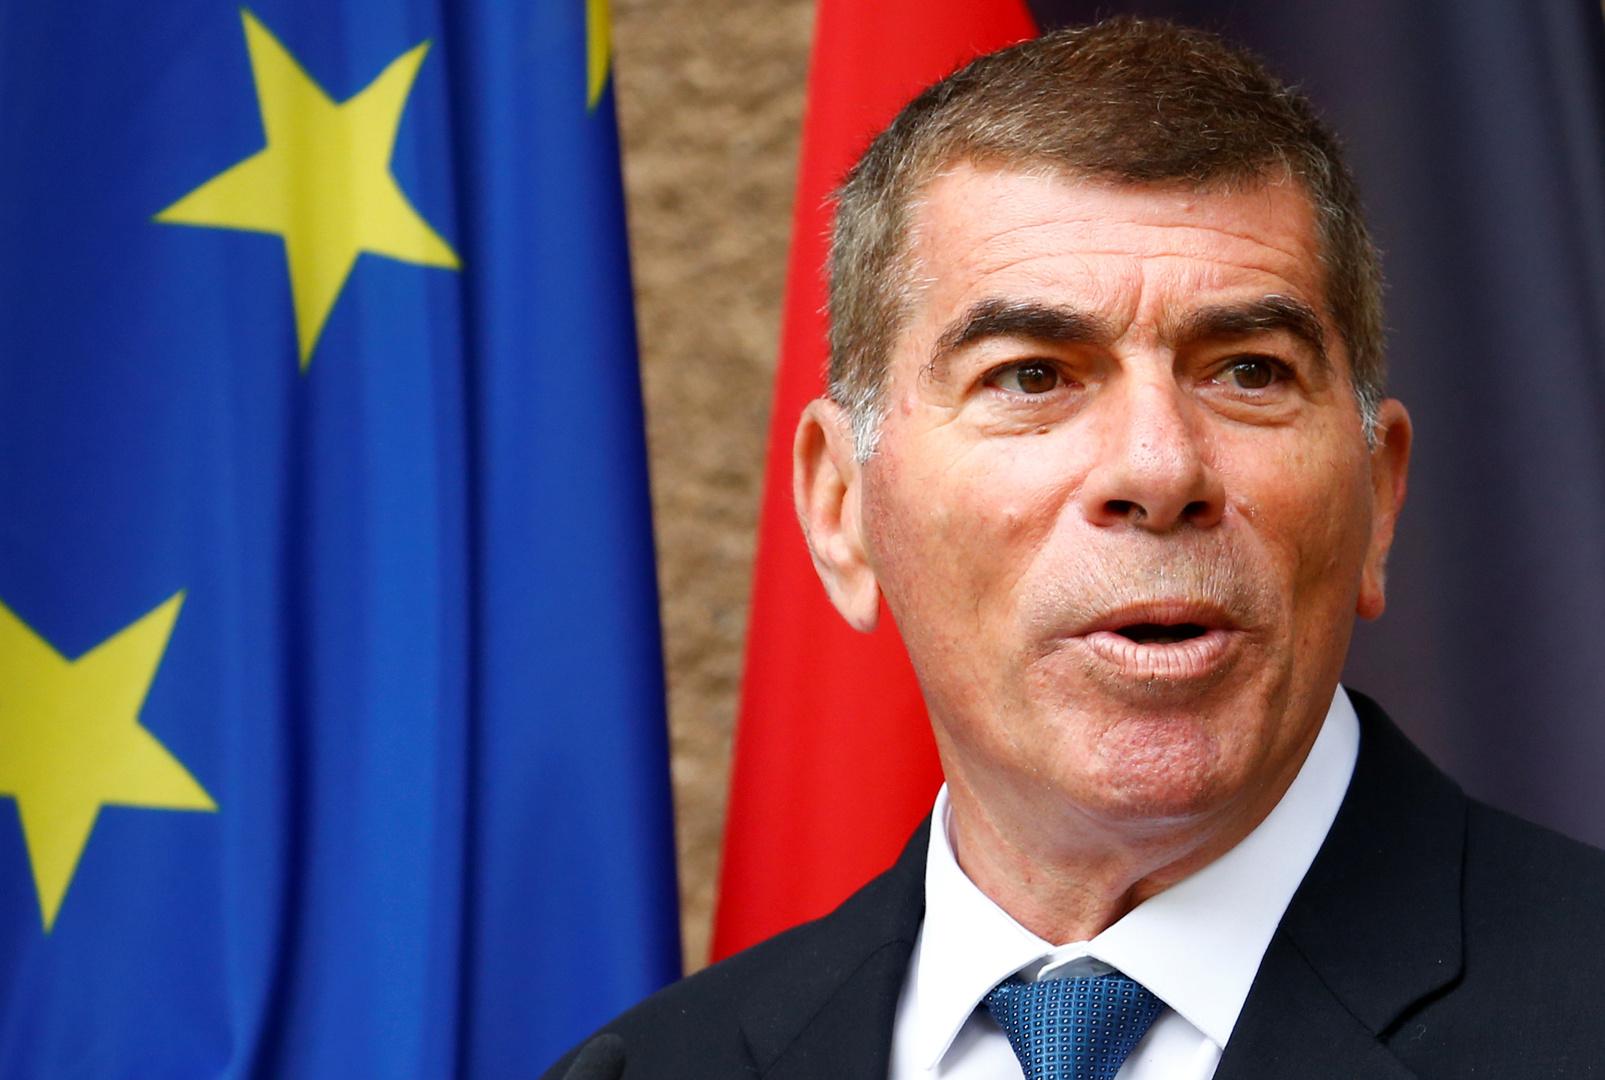 وزير الخارجية الإسرائيلي: إيران تدمر ما تبقى من رقابة الوكالة الدولية للطاقة الذرية